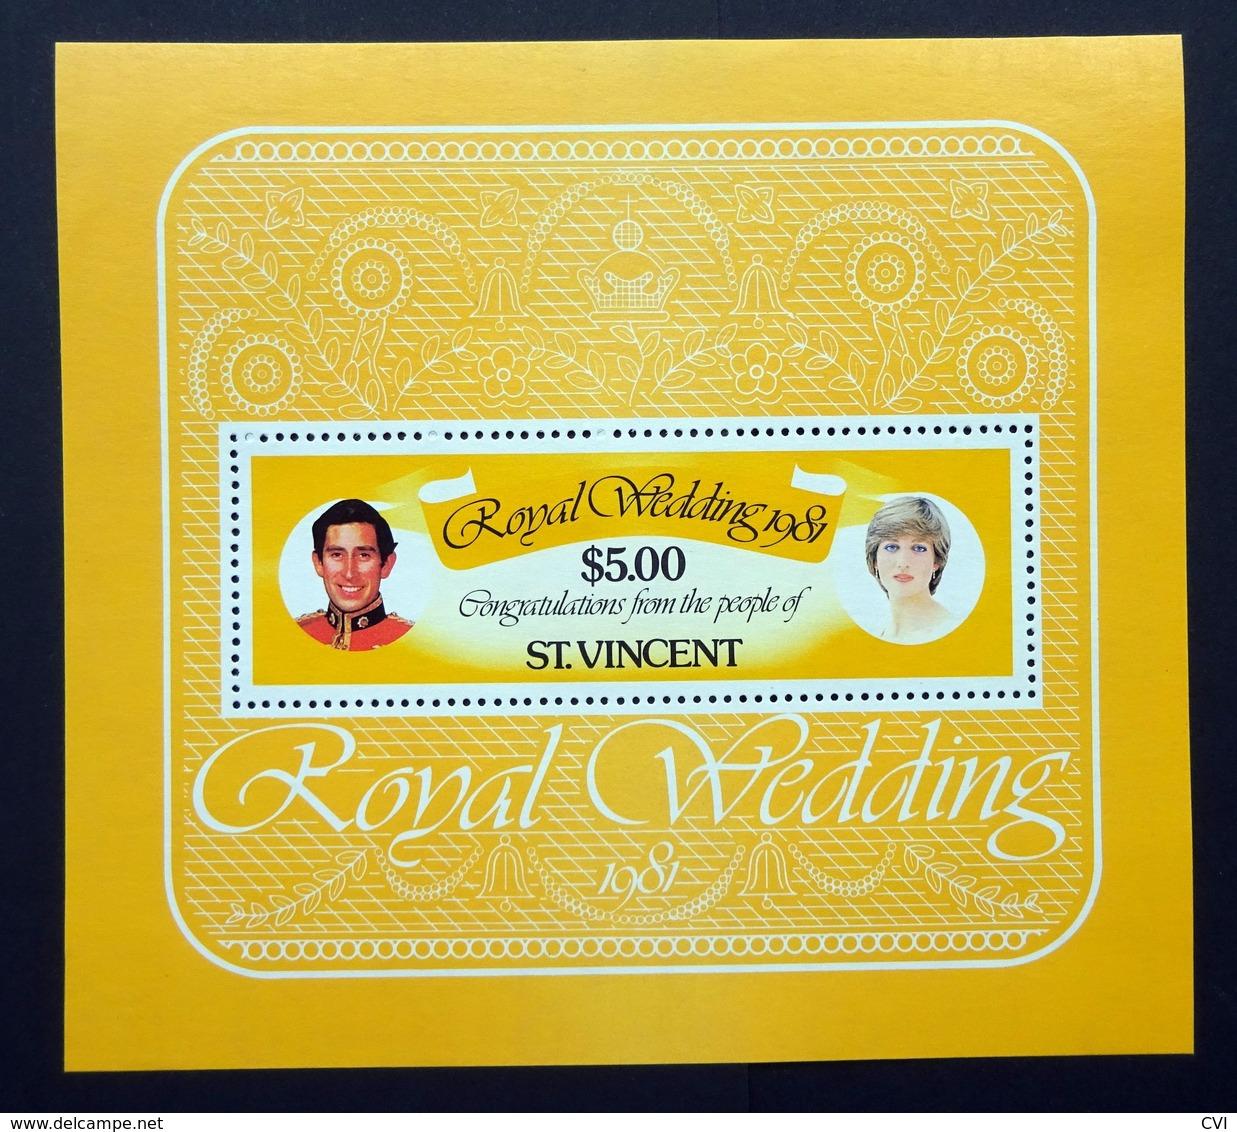 St Vincent 1981 Mi.BL 14 $5.00 Royal Wedding Charles & Diana Minisheet Mint Never Hinged. - St.Vincent (1979-...)